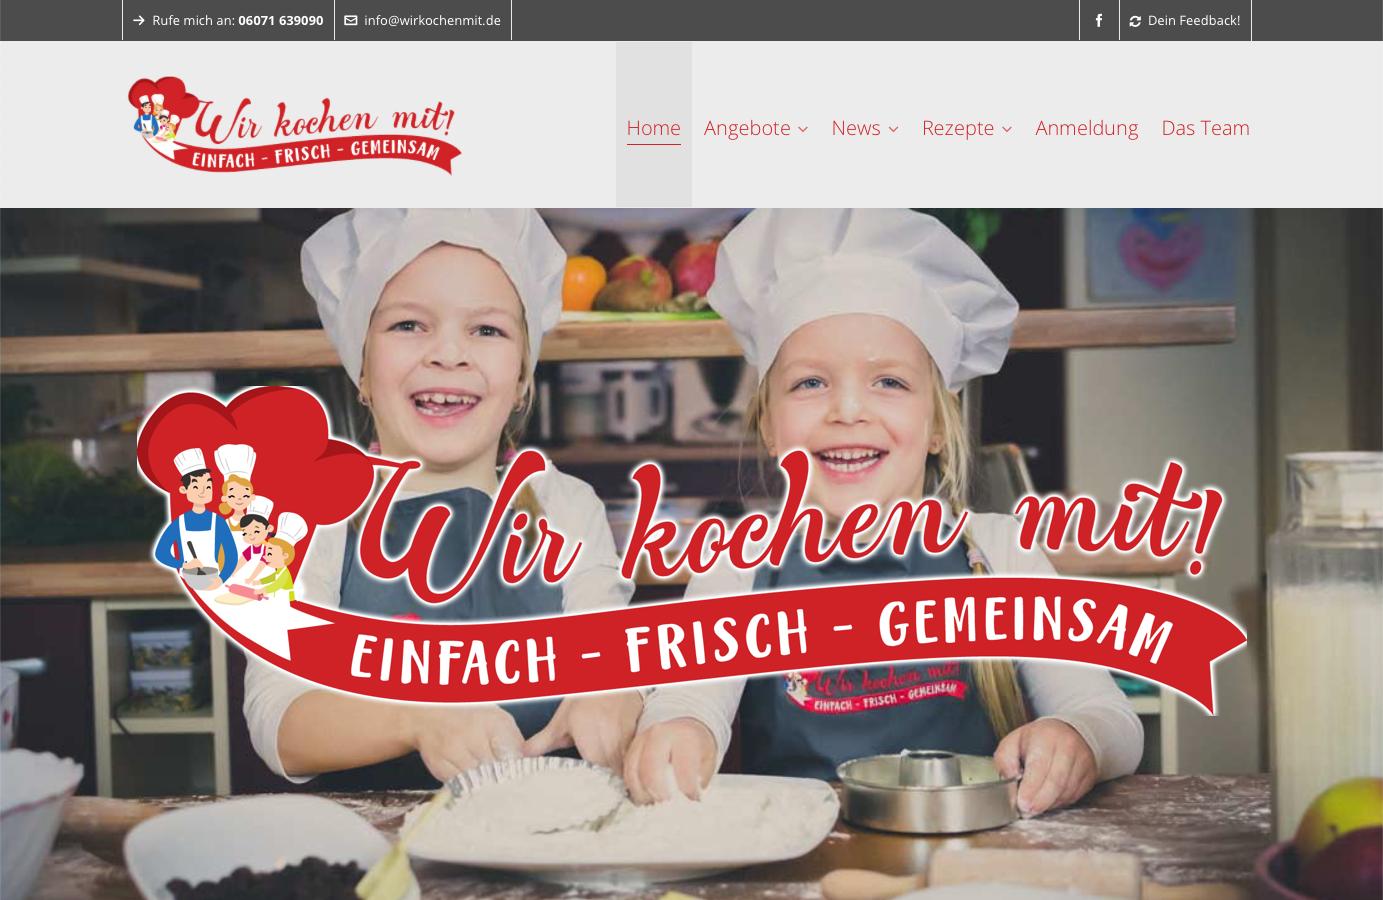 Kinderkochschule - Wir kochen mit